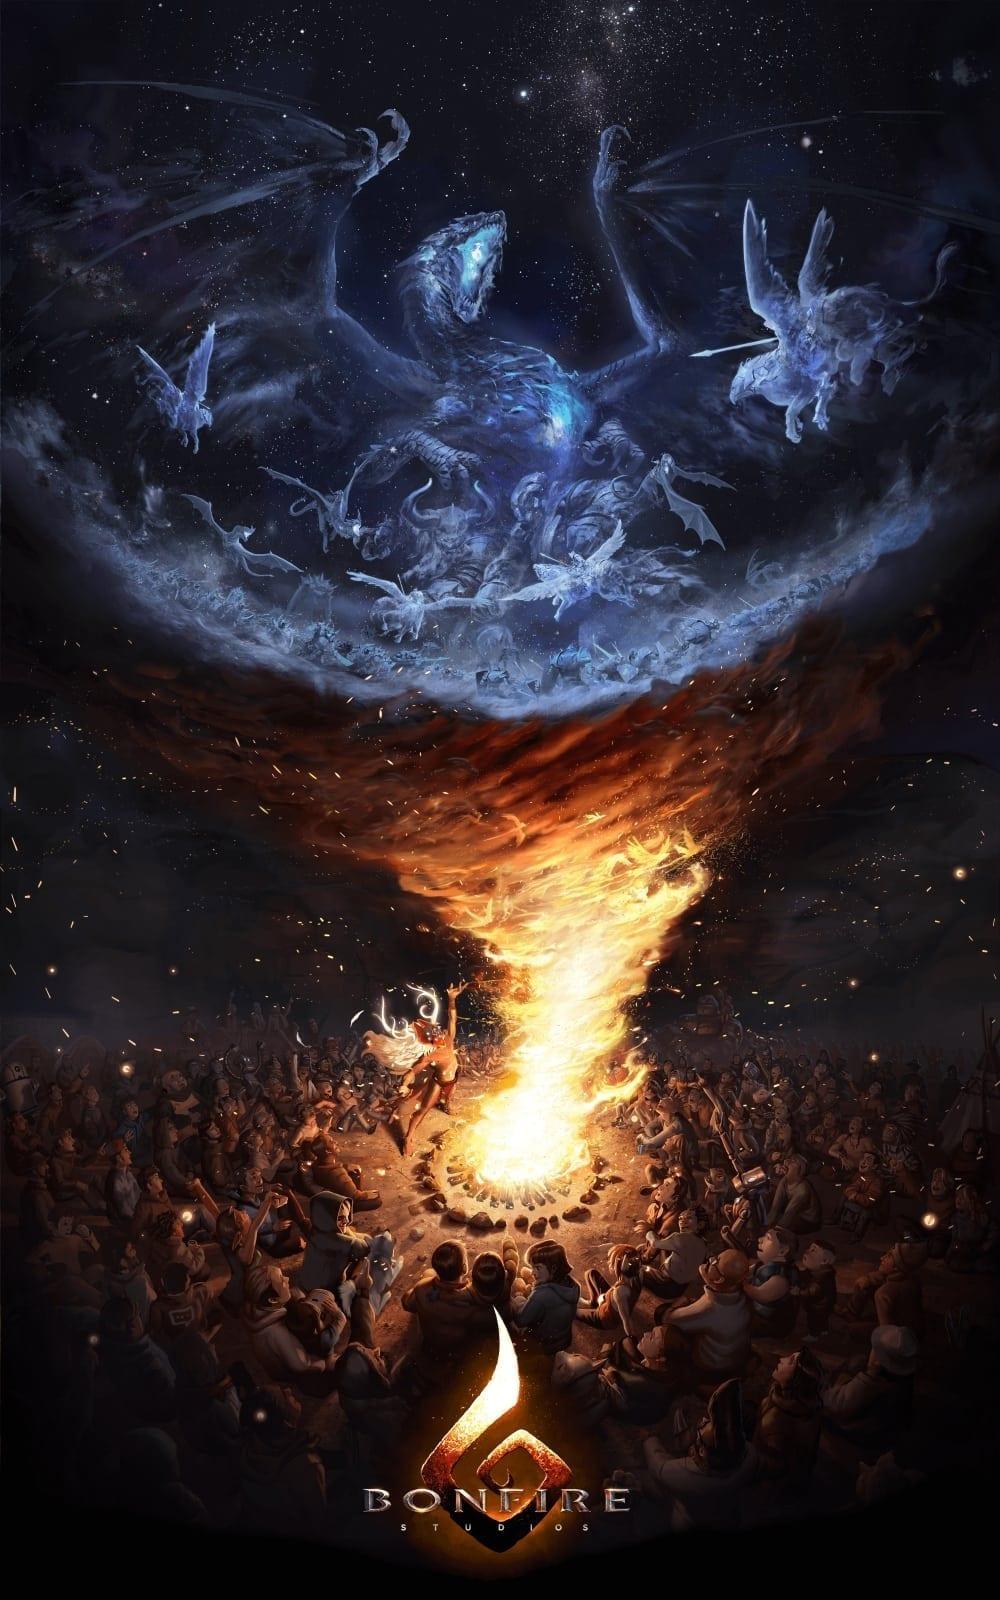 bonfire-studios-poster